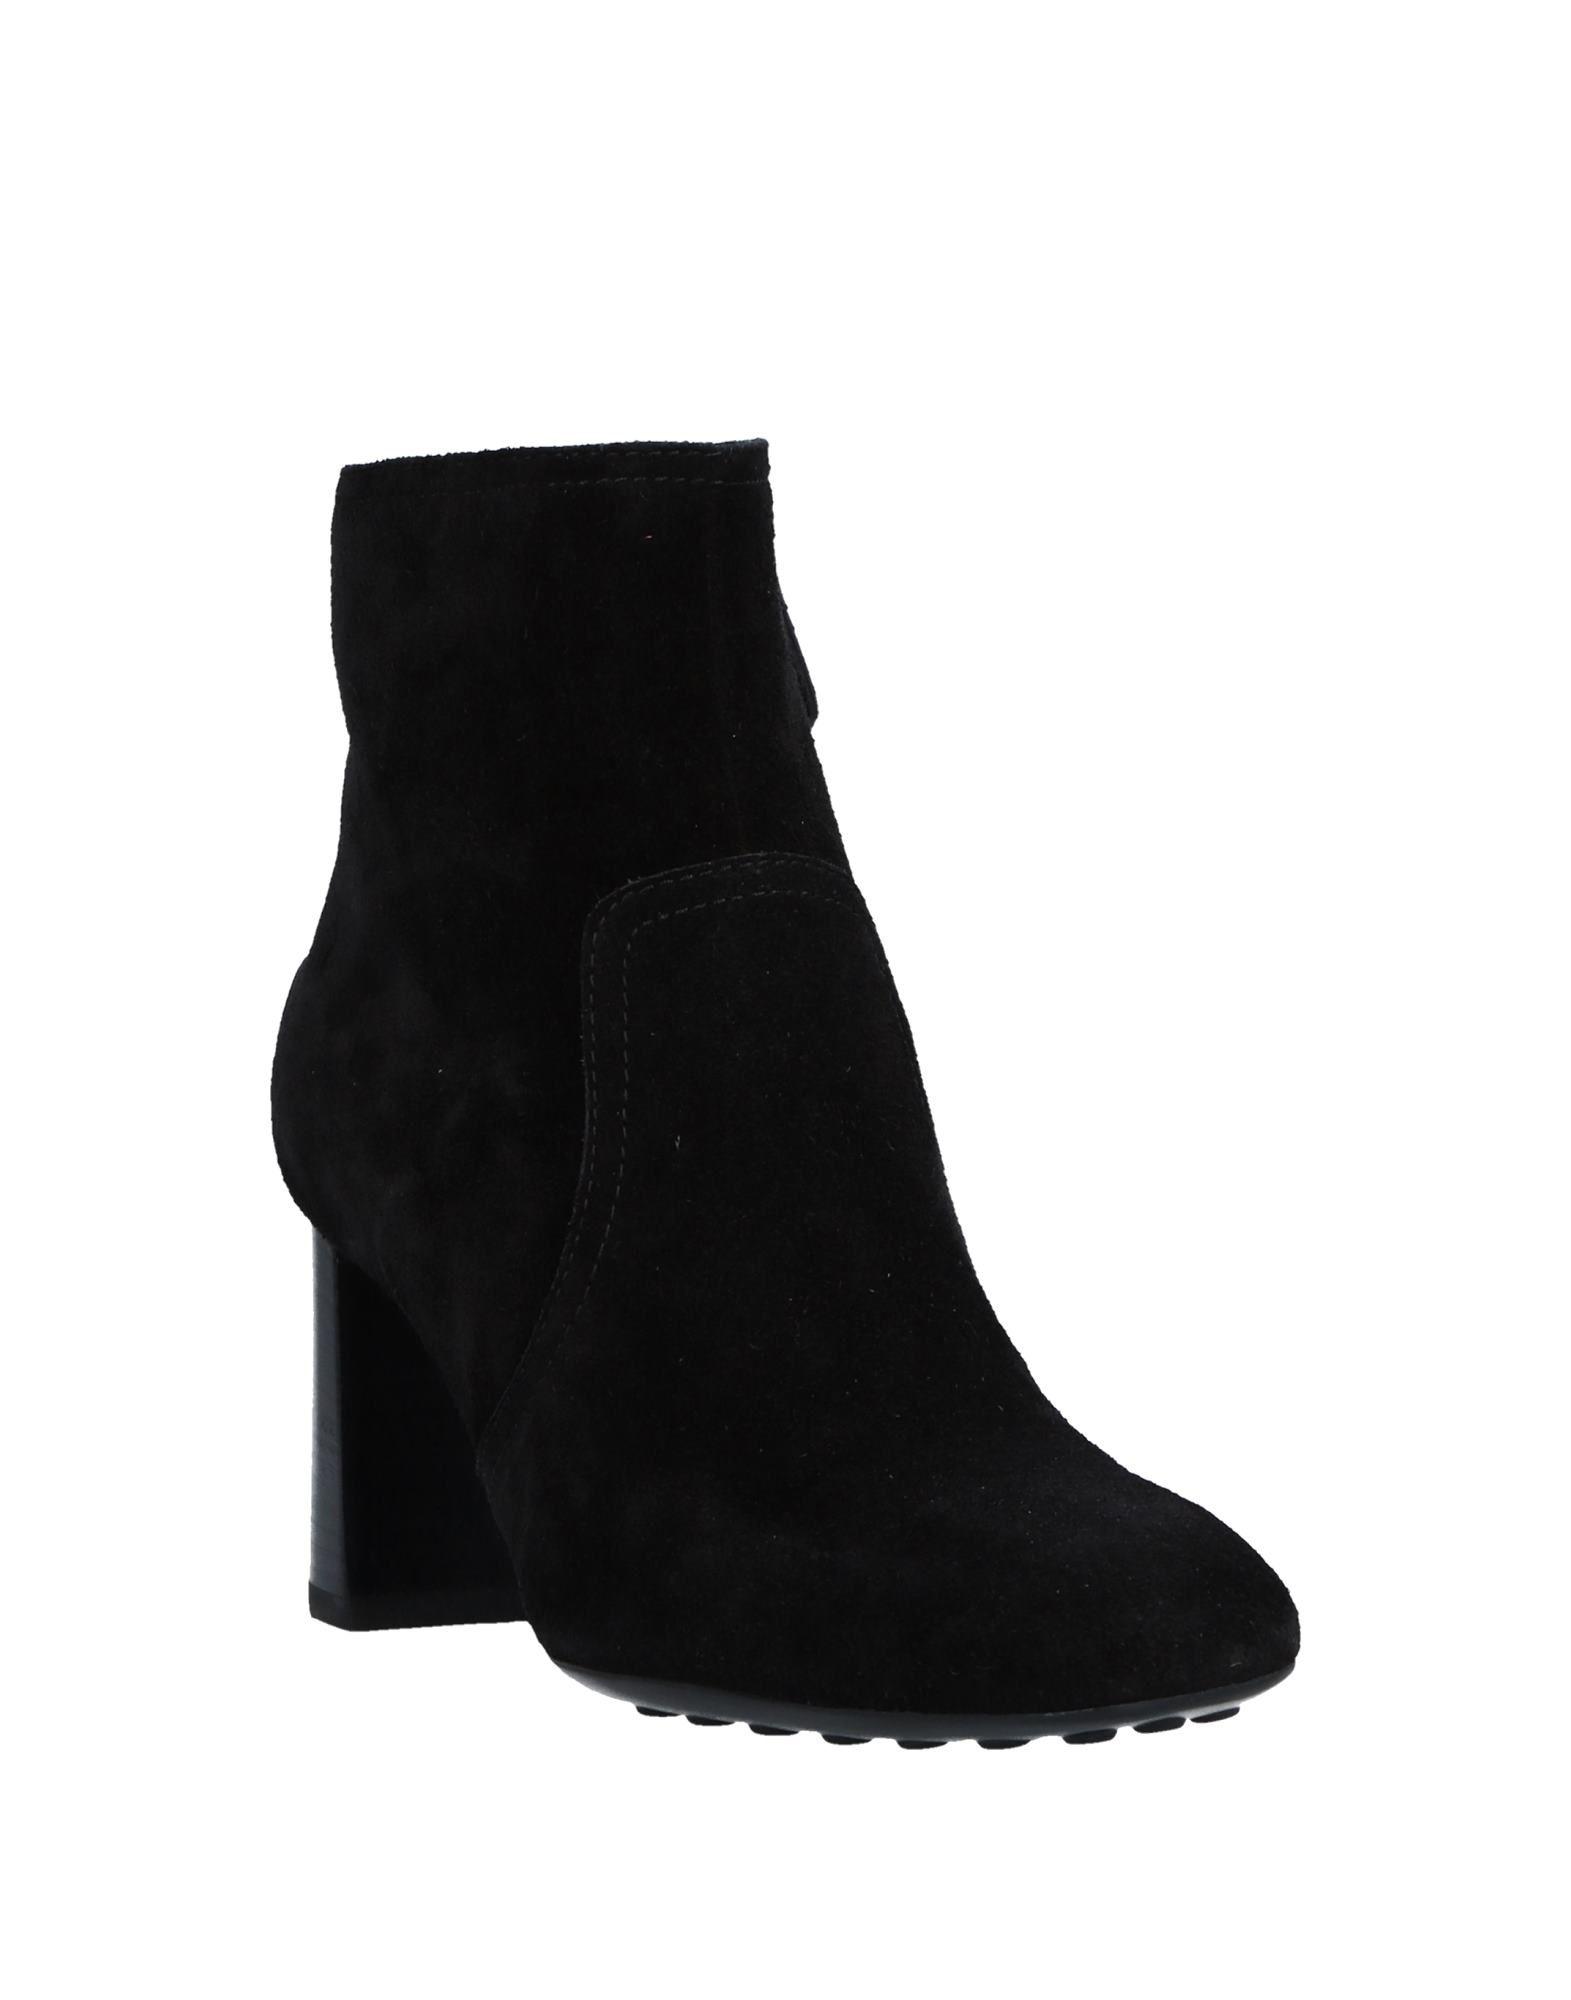 Tod's Stiefelette Damen Schuhe  11543739DCGünstige gut aussehende Schuhe Damen c92709